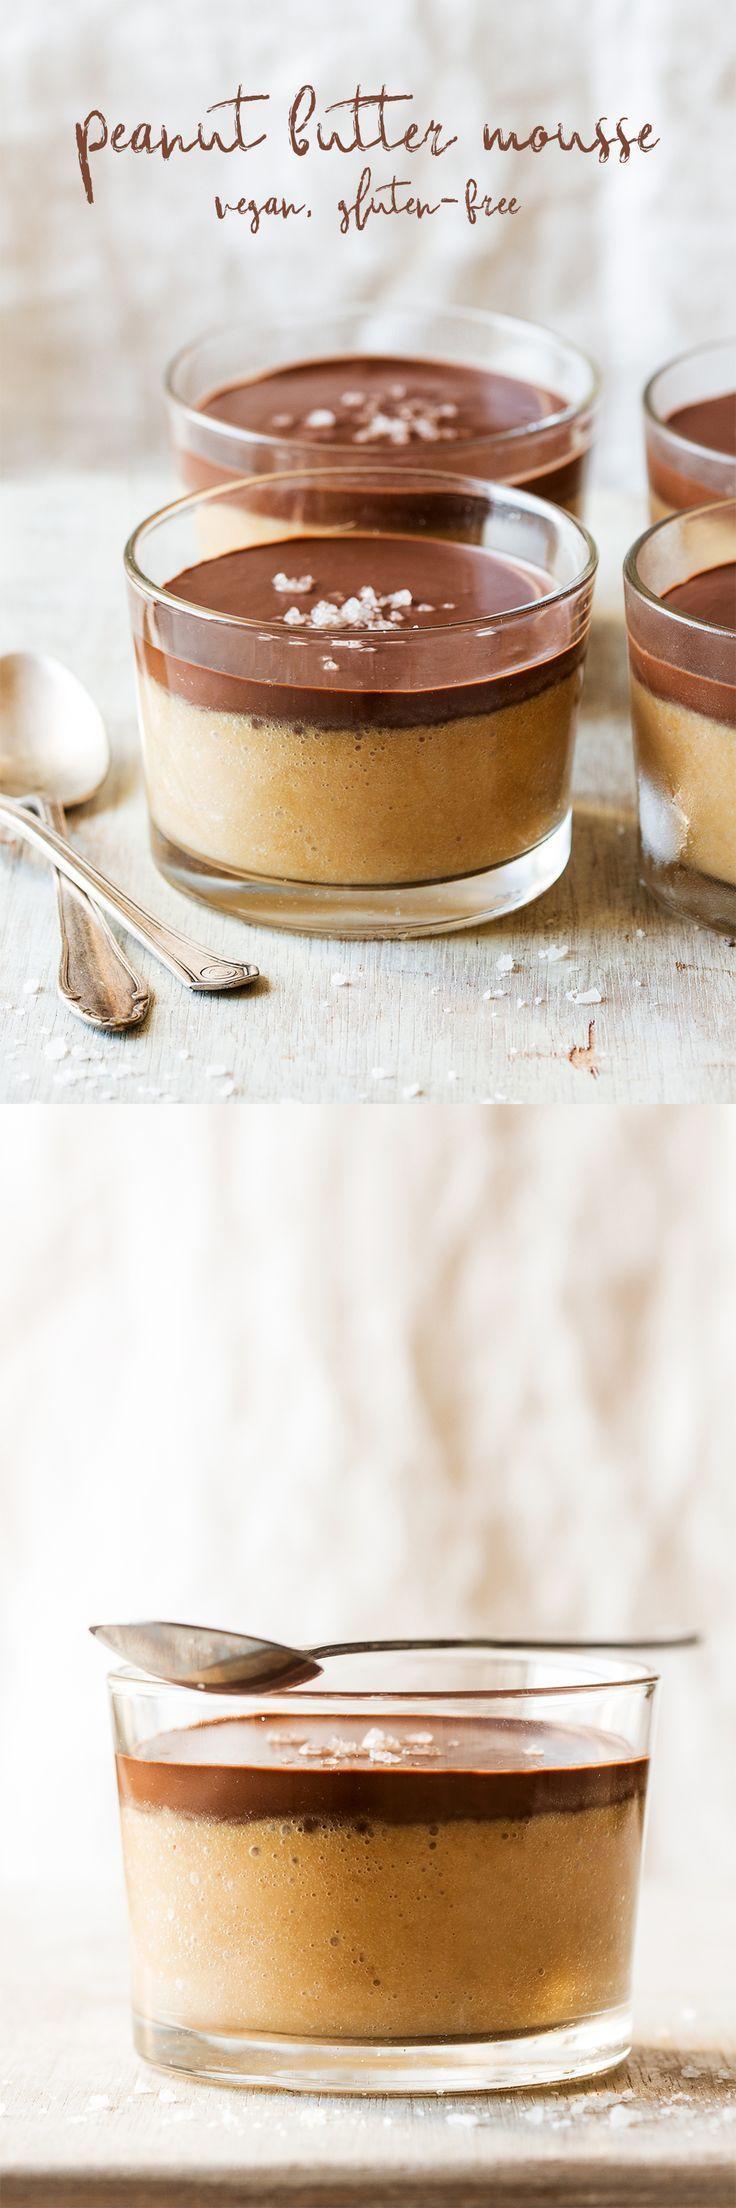 Vegan peanut butter mousse